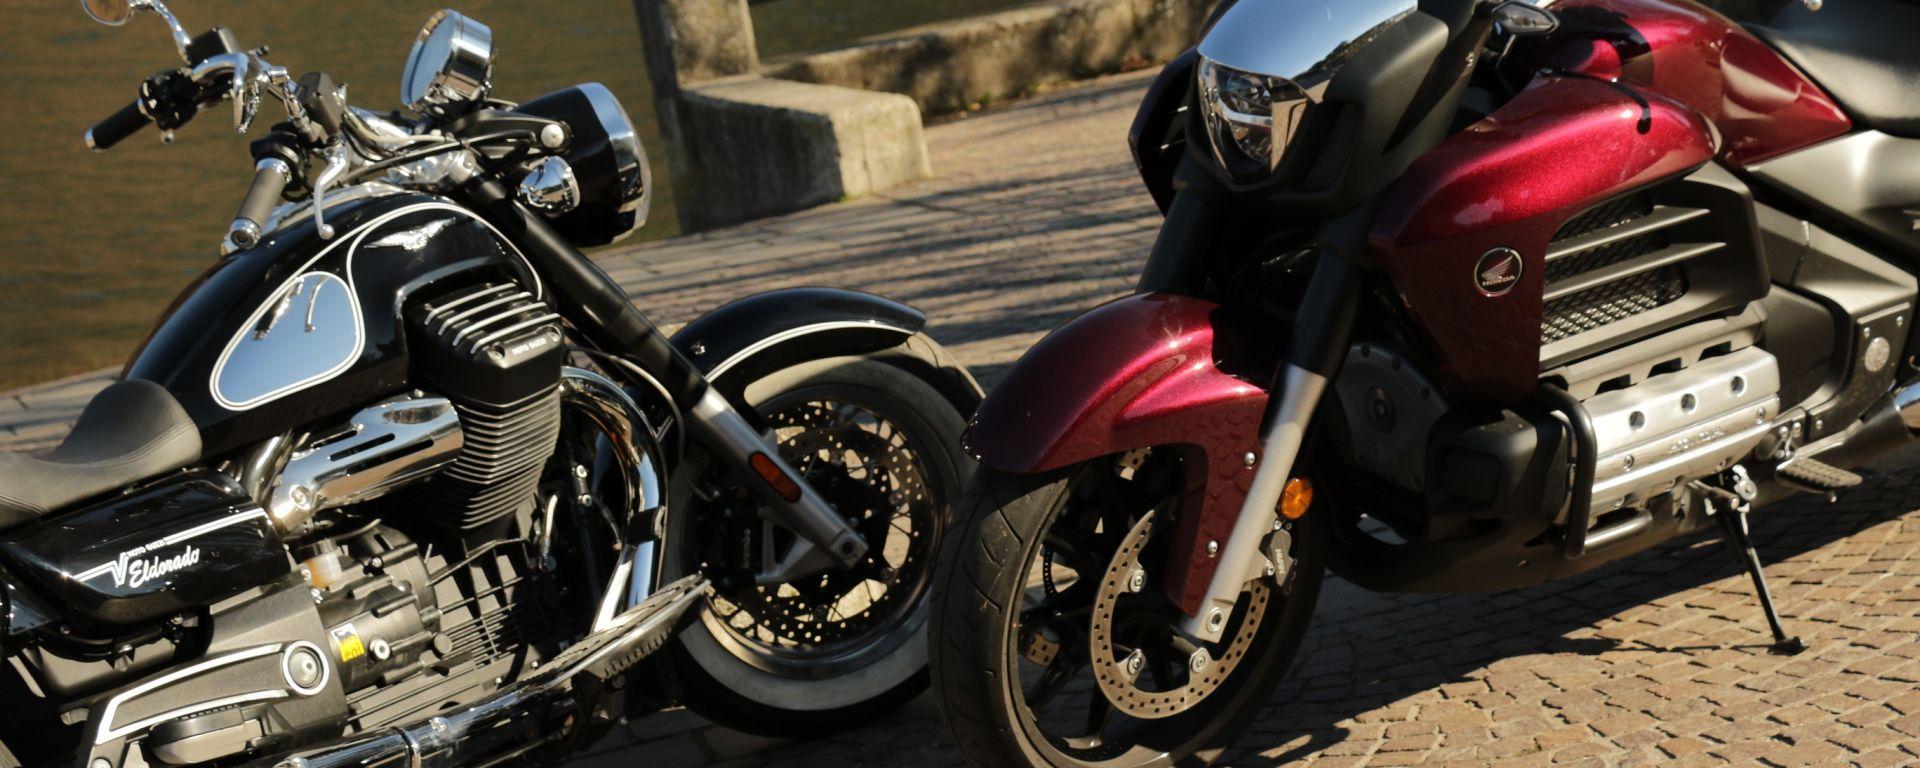 Honda Goldwing F6C vs Moto Guzzi Eldorado